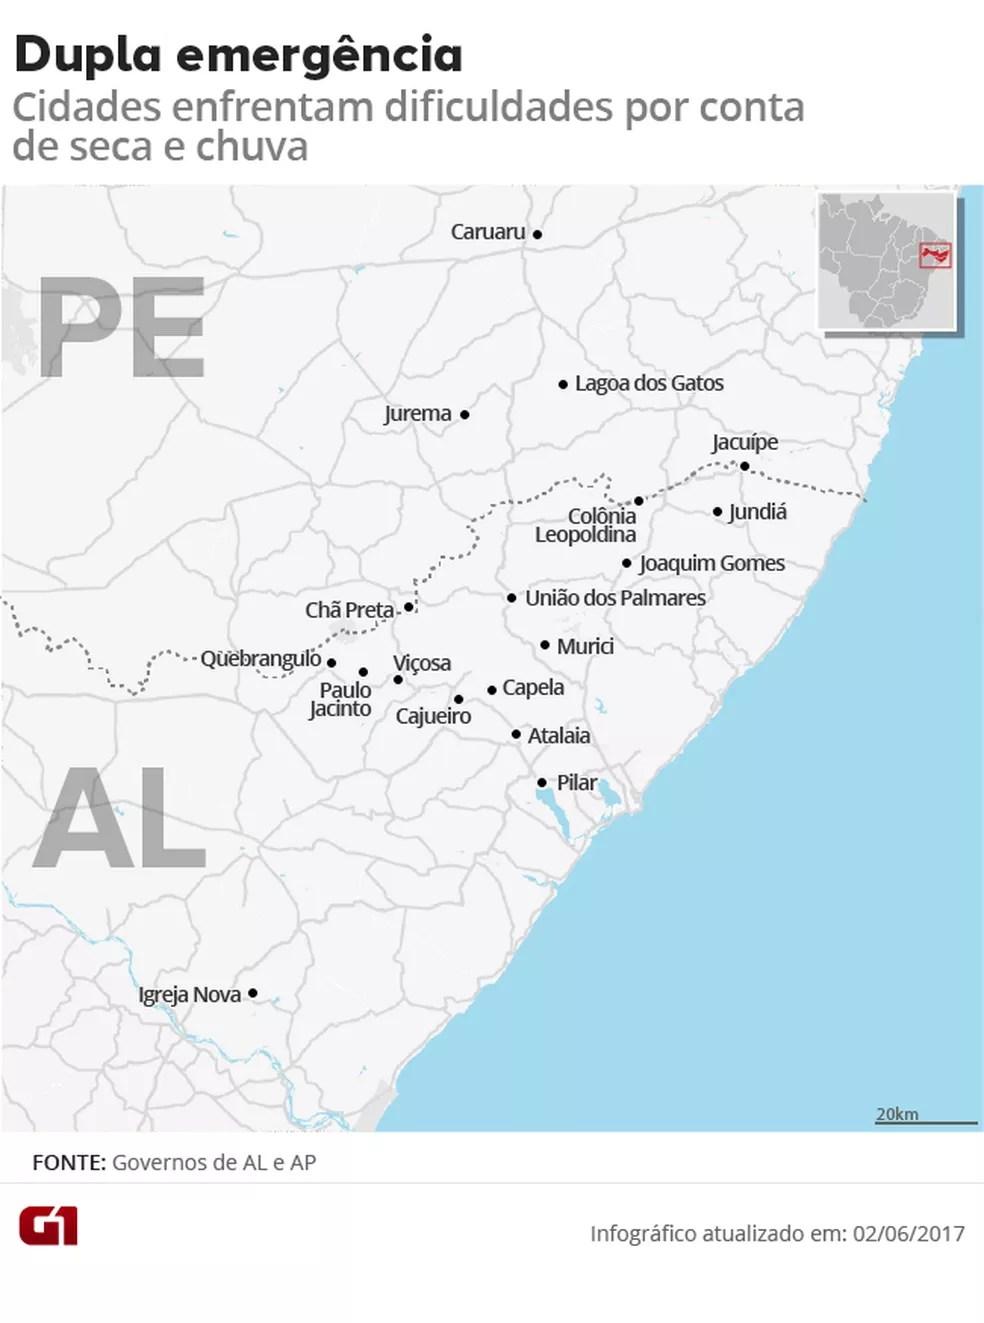 Cidades de Pernambuco e Alagoas que seão em situação de emergência por conta de seca e chuva (Foto: Editoria de Arte/G1)